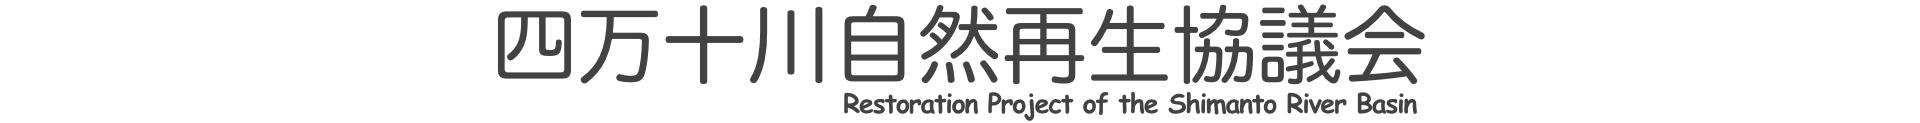 四万十川自然再生協議会